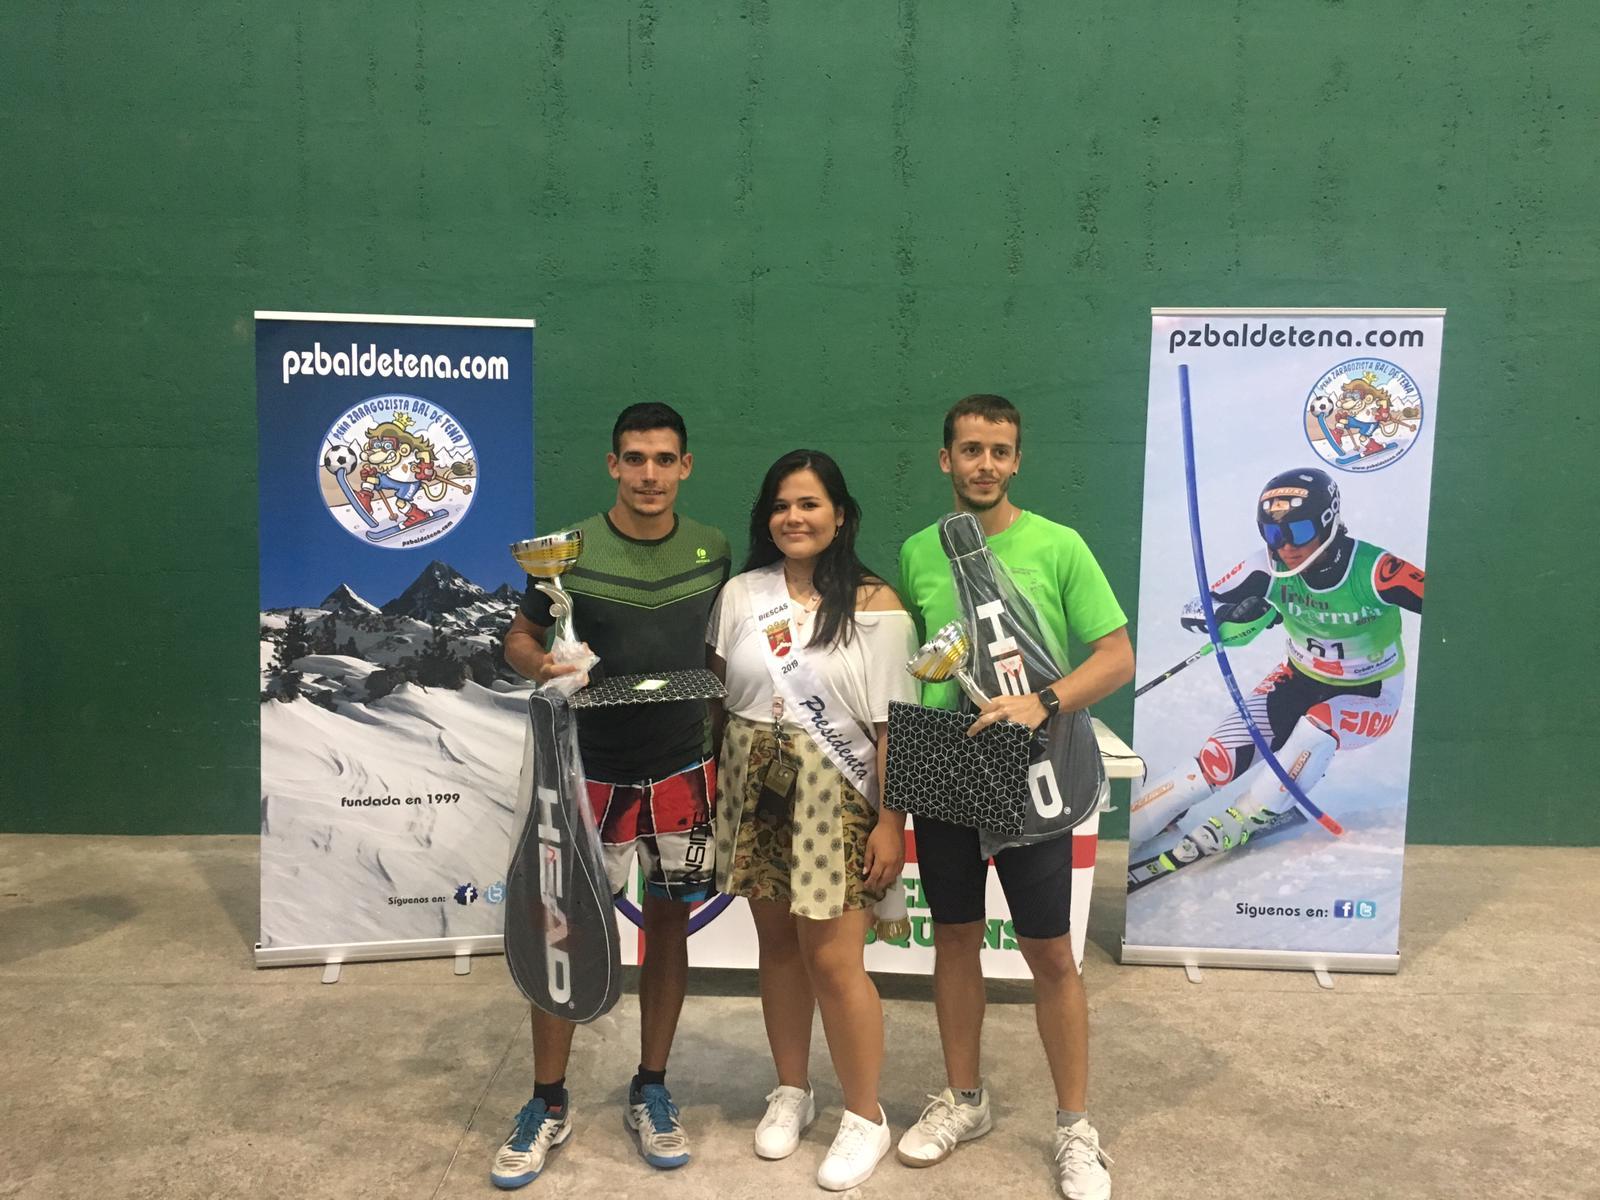 torneo frontenis biescas 11-08-19 campeones - pzbaldetena